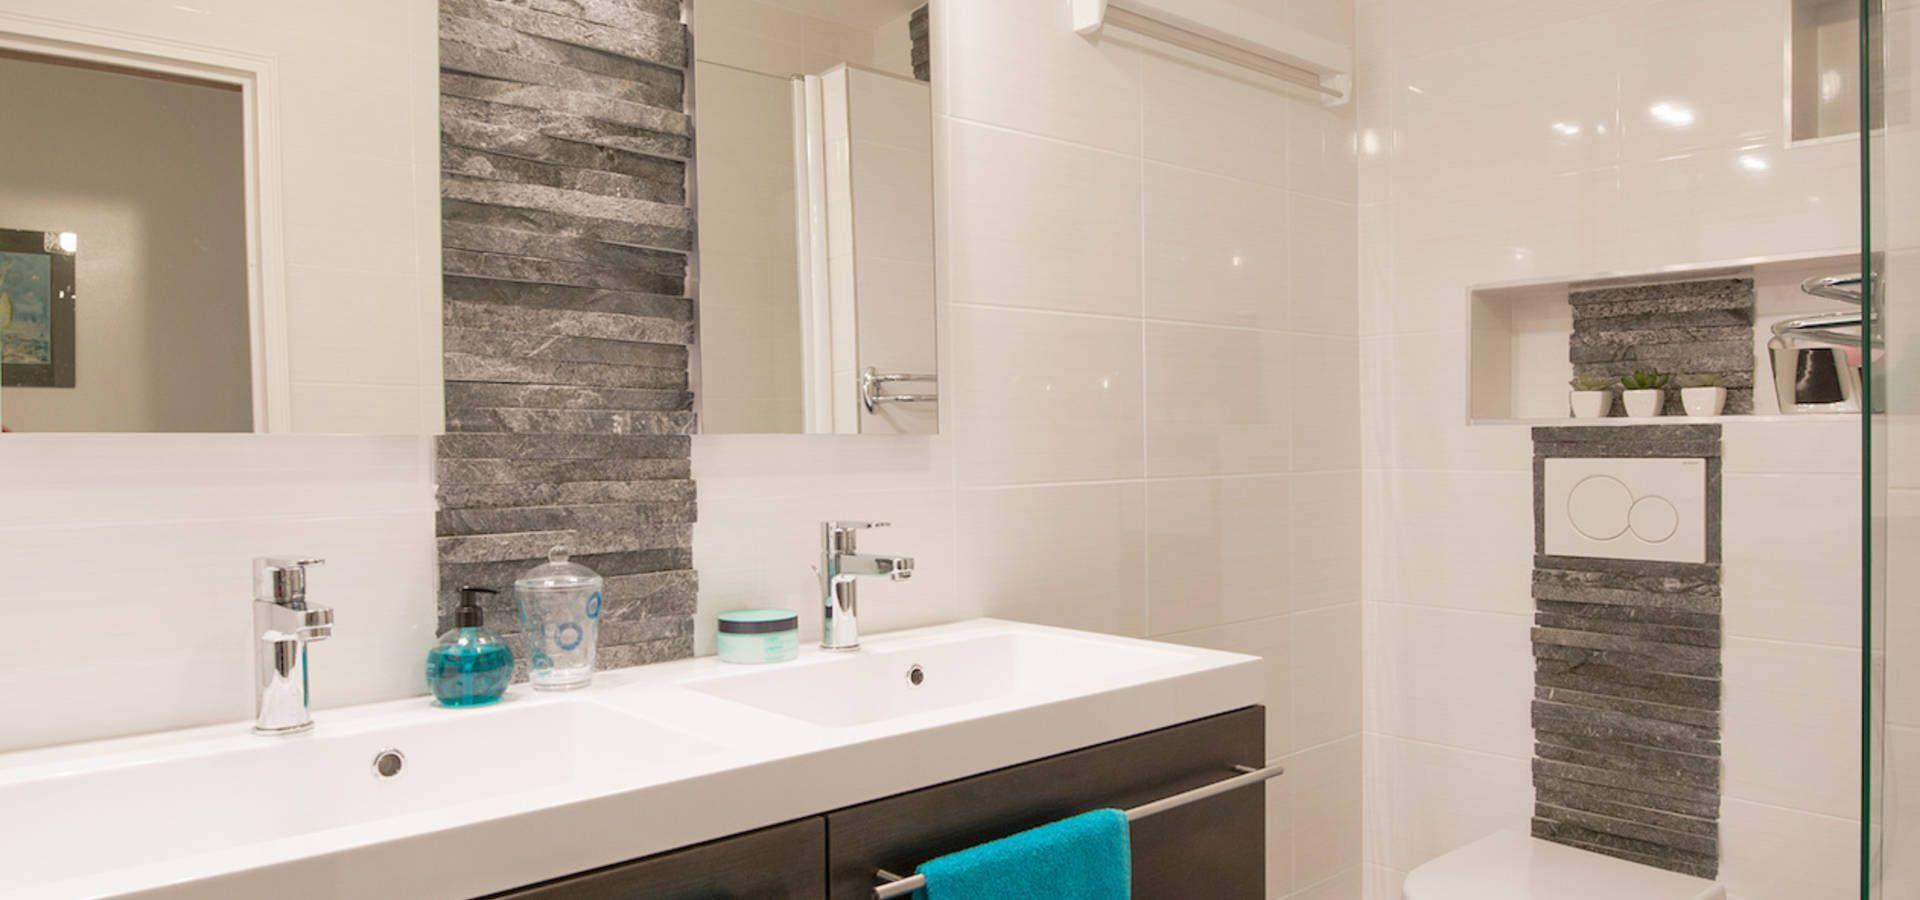 taille moyenne salle de bain les salles de bains taille moyenne mat riaux pinterest. Black Bedroom Furniture Sets. Home Design Ideas